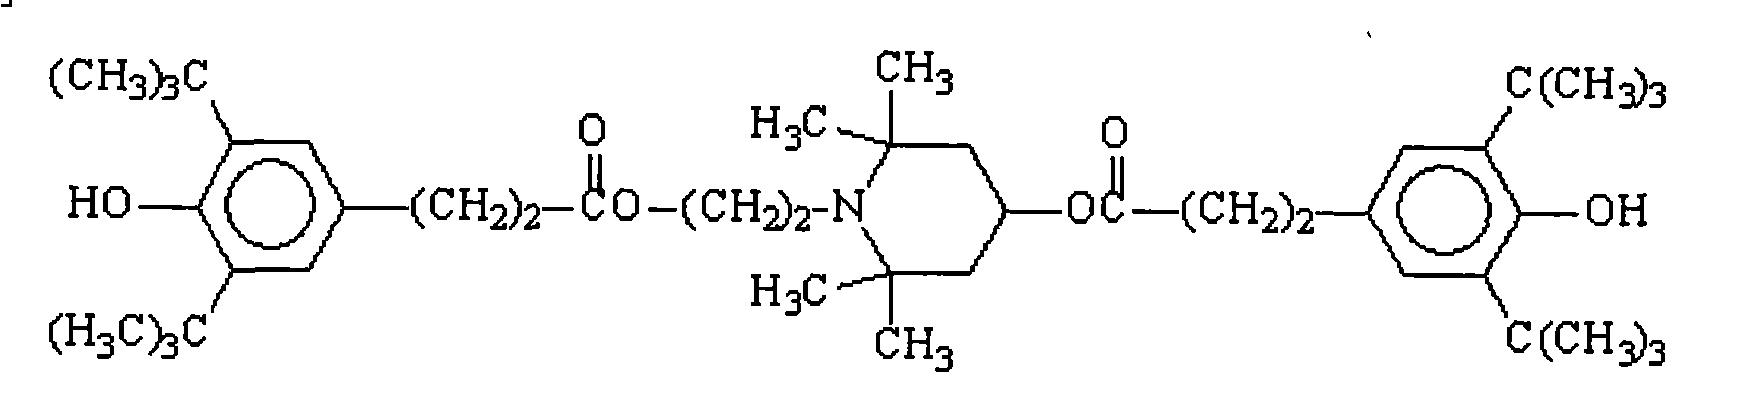 Figure CN101533237BD00594